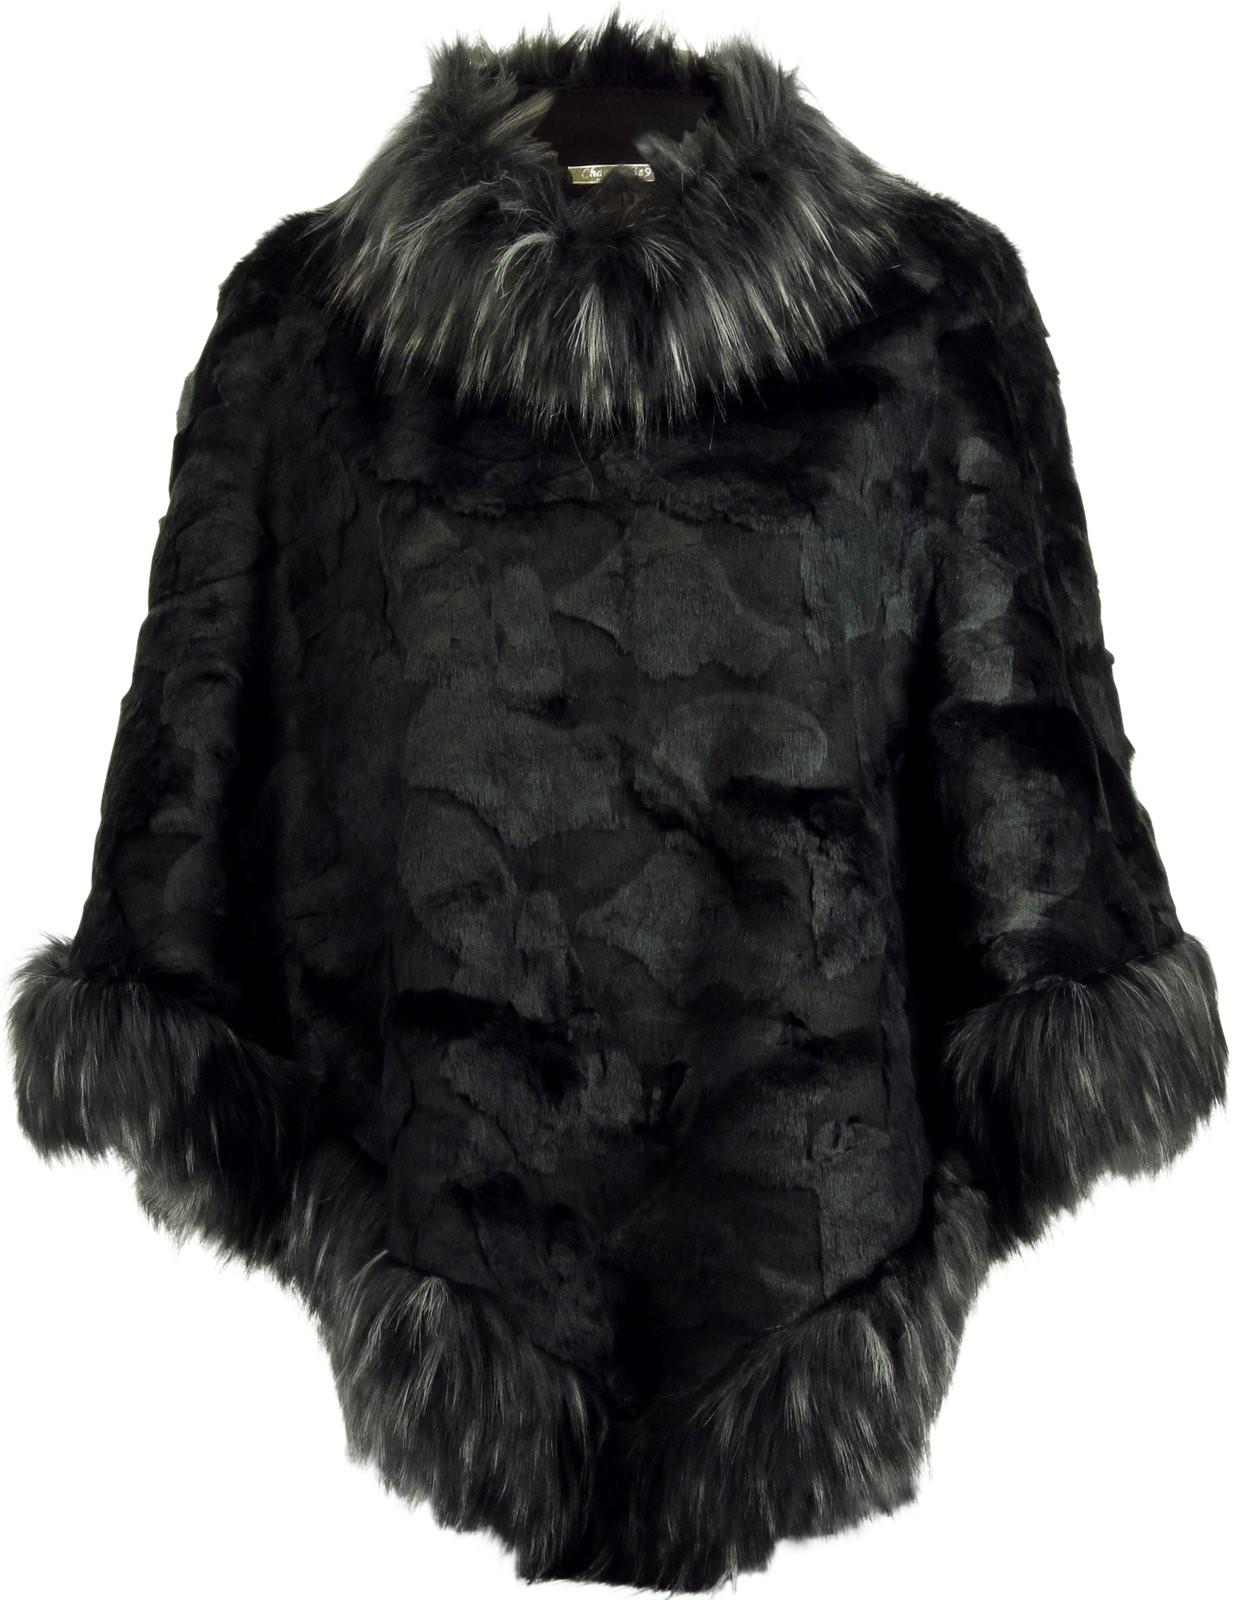 cape manteau poncho hiver fausse fourrure noir monalisa. Black Bedroom Furniture Sets. Home Design Ideas